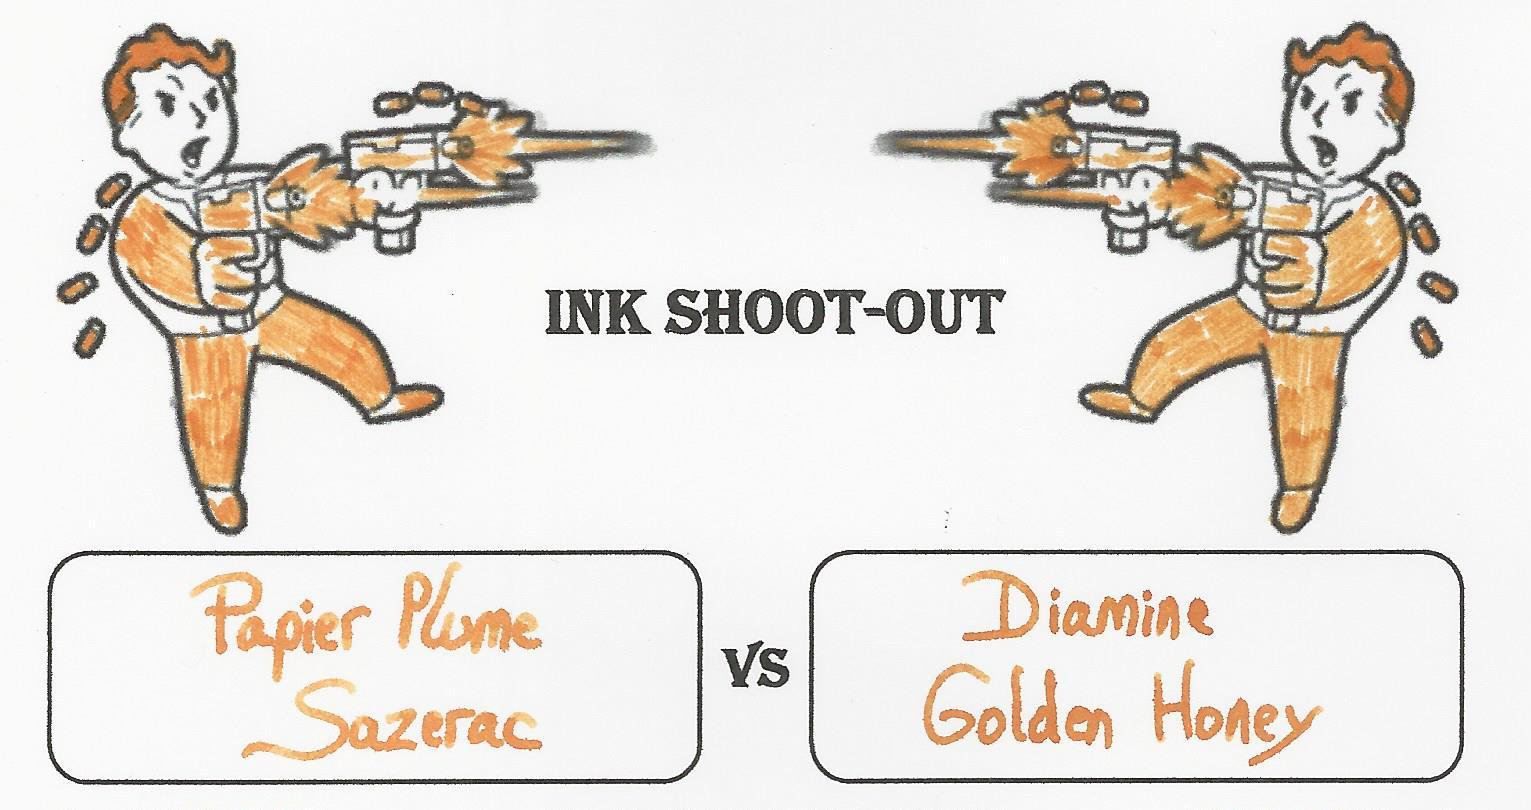 fpn_1566587240__sazerac_vs_golden_honey_